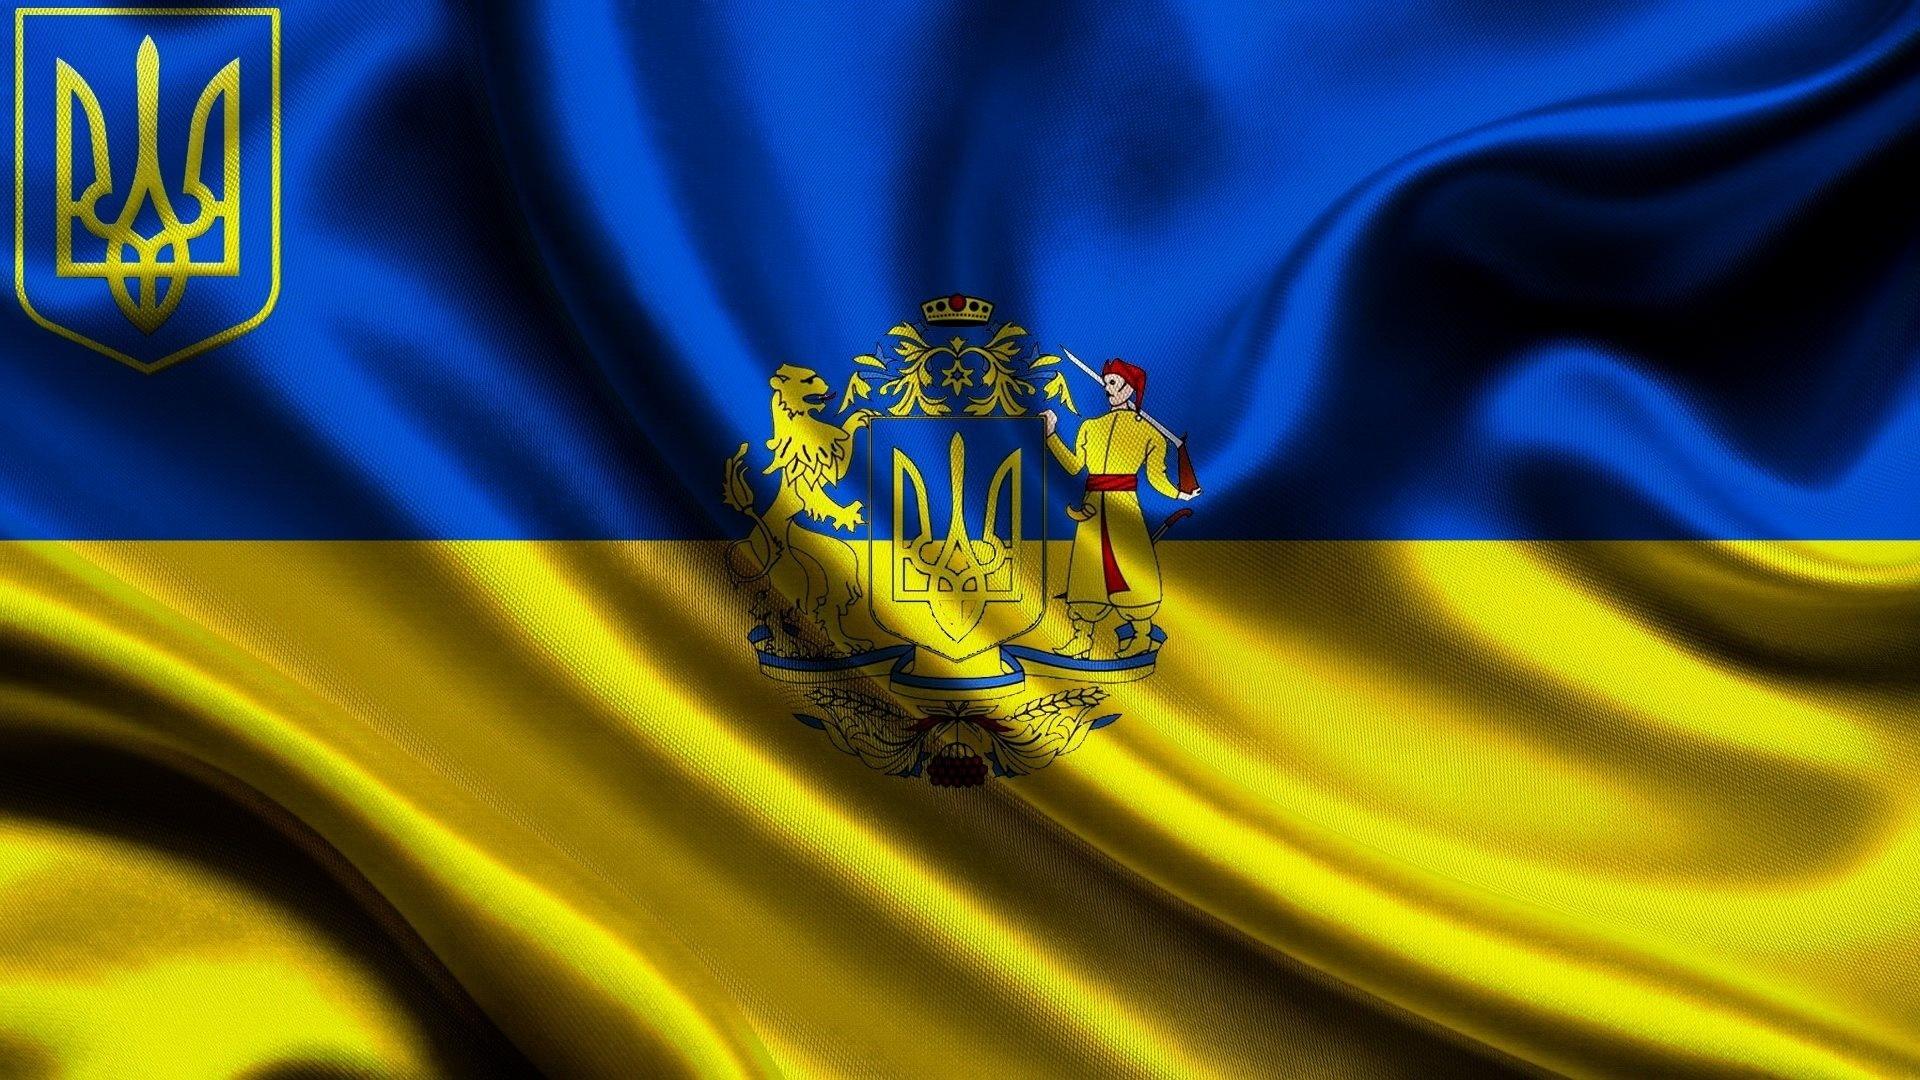 причастен подрывам, украинский флаг и герб фото трудом